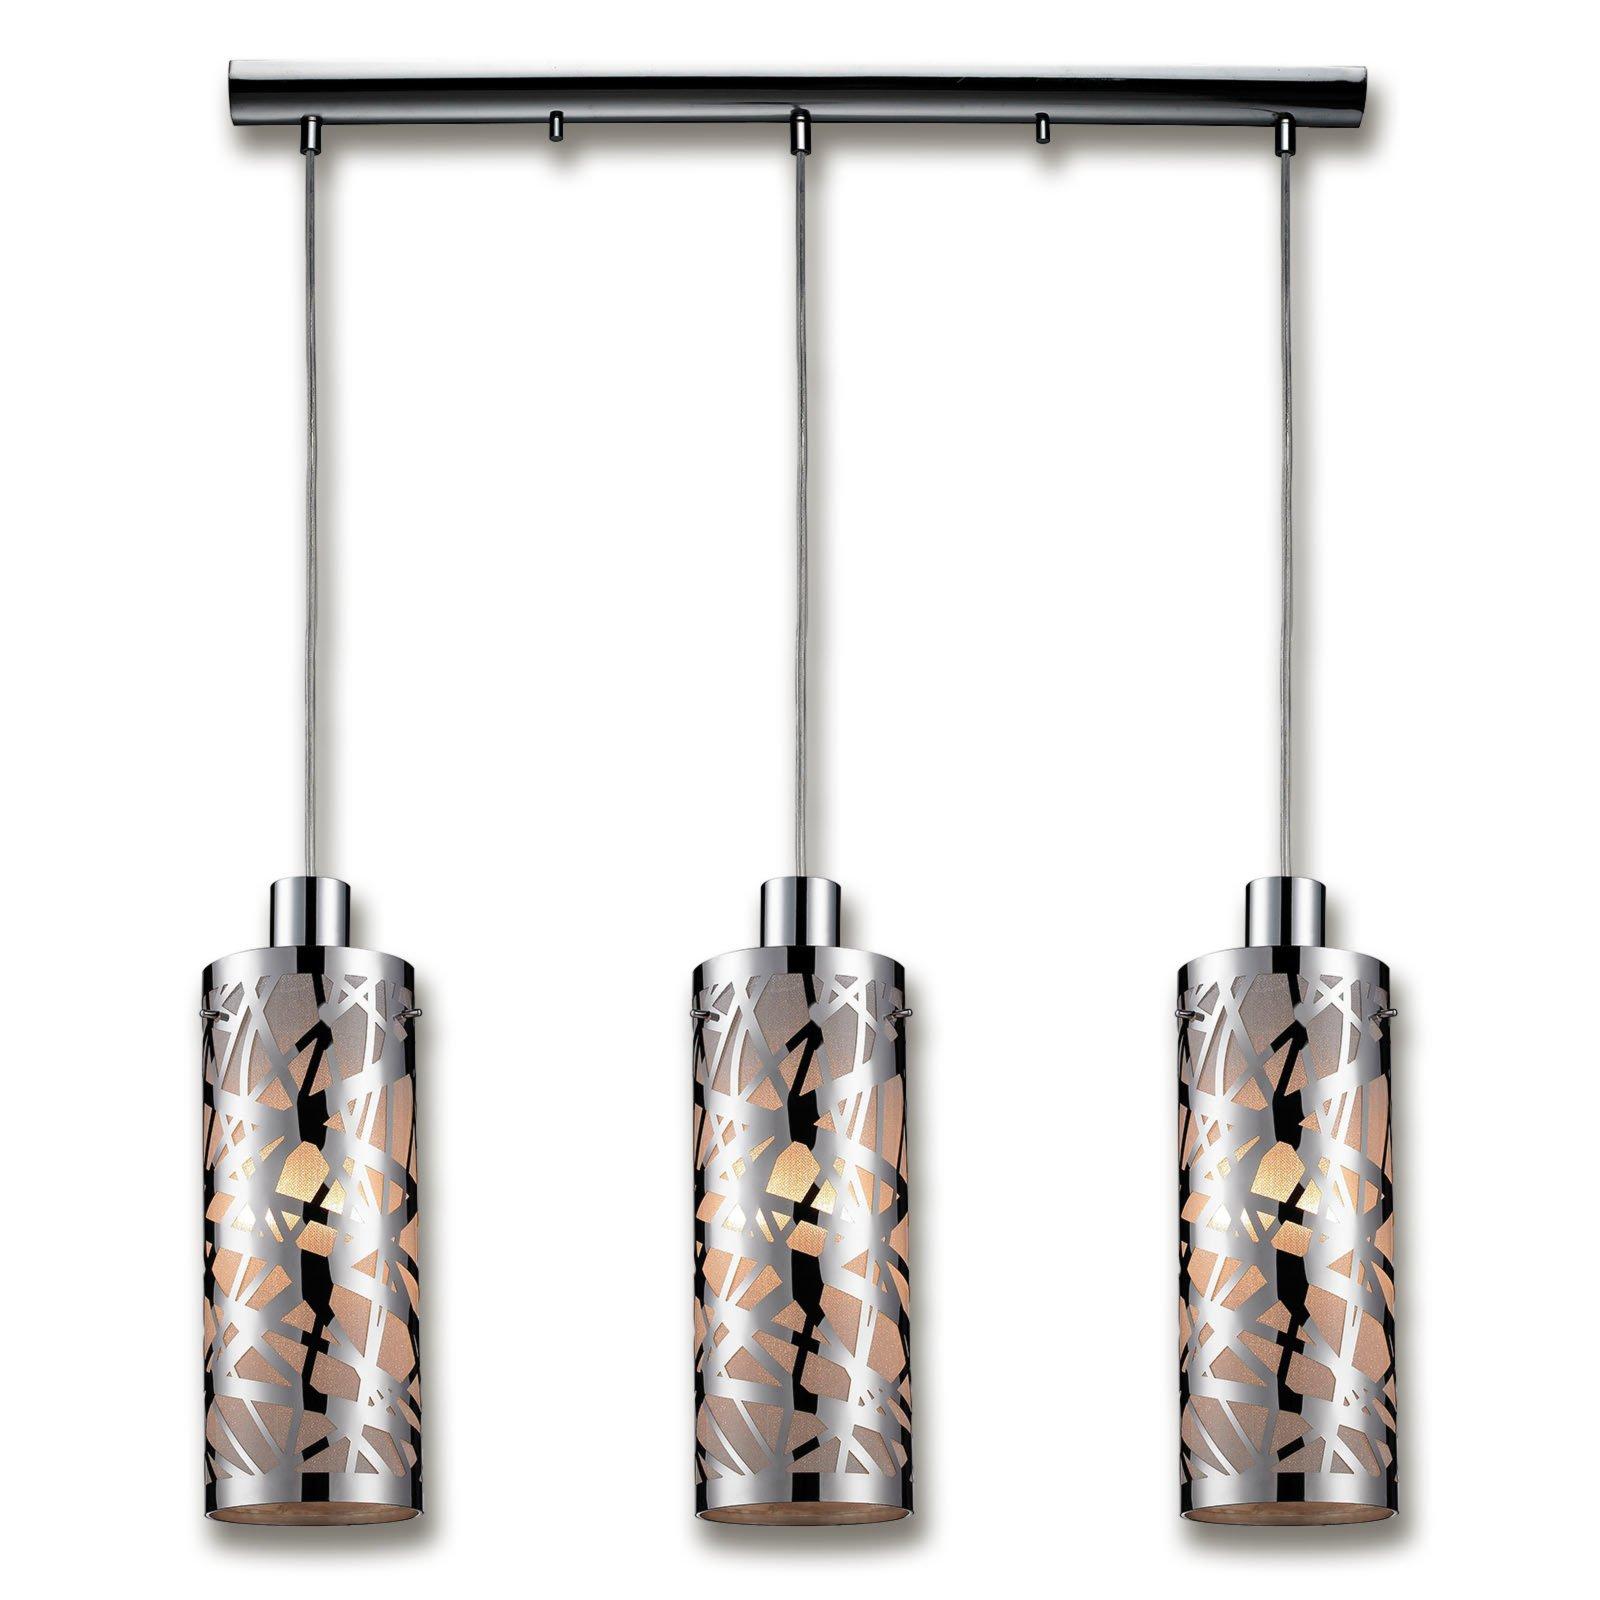 Pendelleuchte birdy chrom 67x80 cm pendelleuchten for Lampen roller